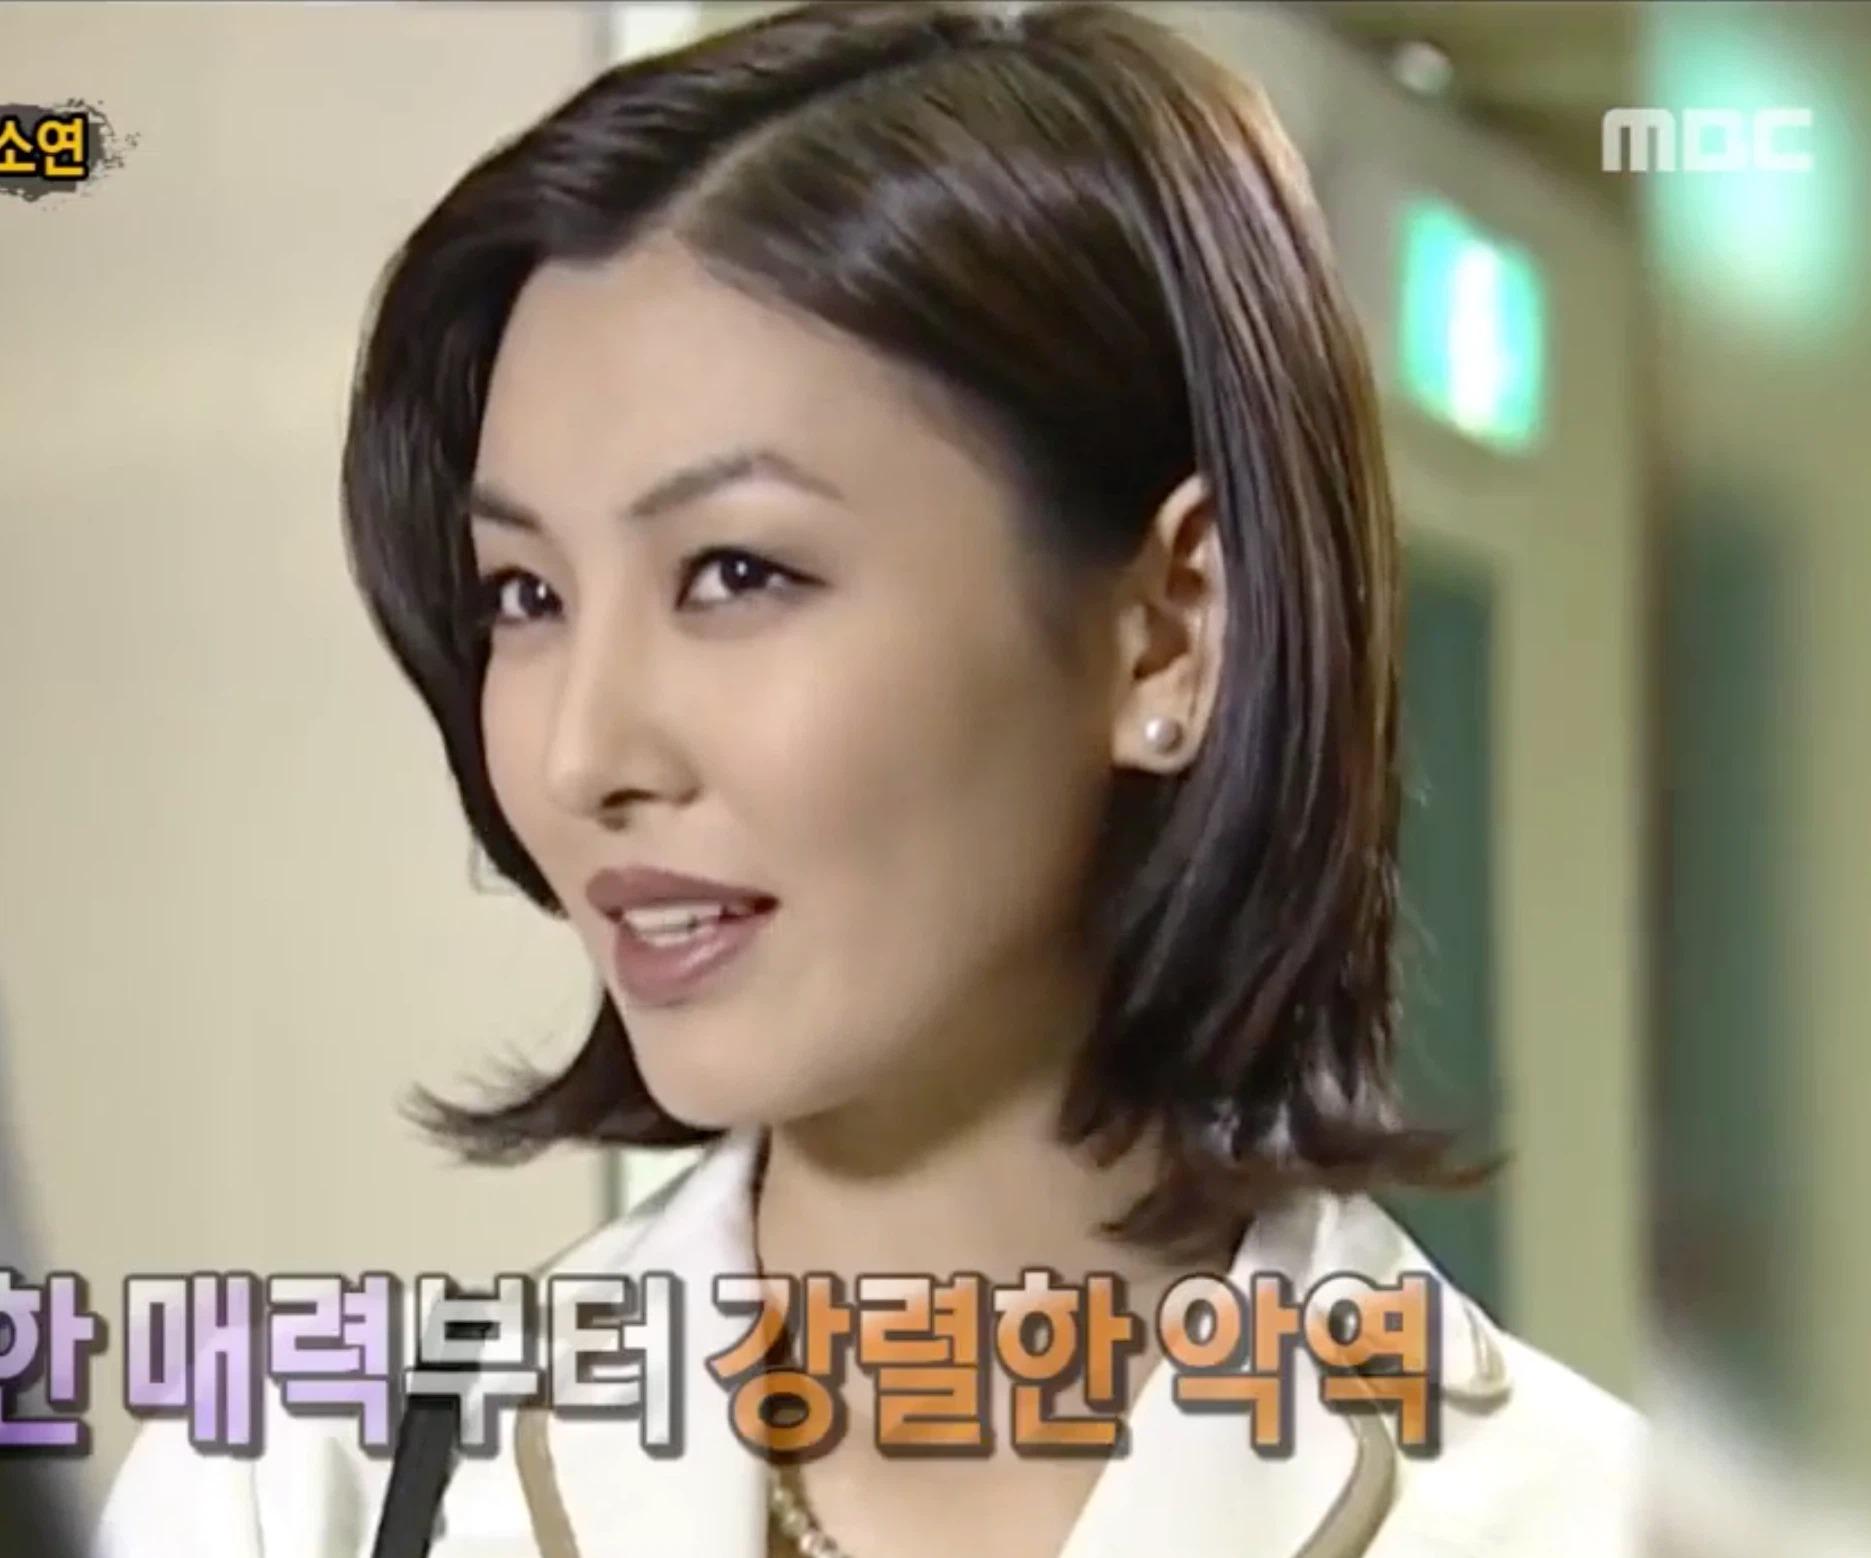 Rò rỉ hình ảnh Song Hye Kyo trong quá khứ, nhan sắc lép vế hoàn toàn trước 'ác nữ' màn ảnh Hàn 5